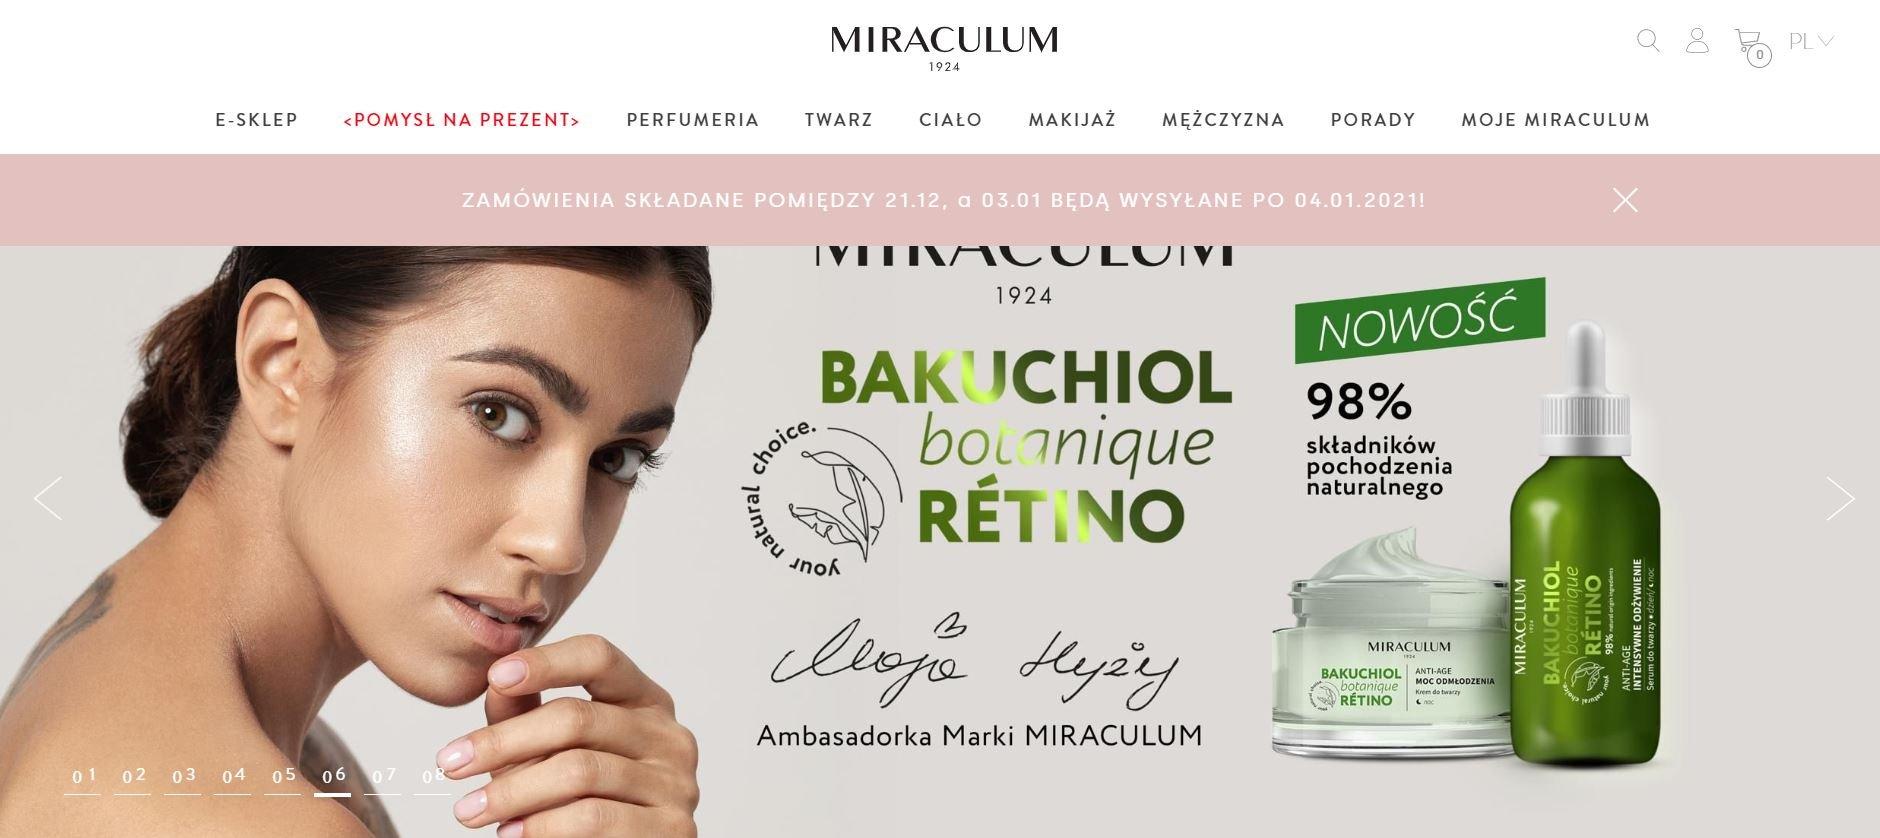 miraculum - 2